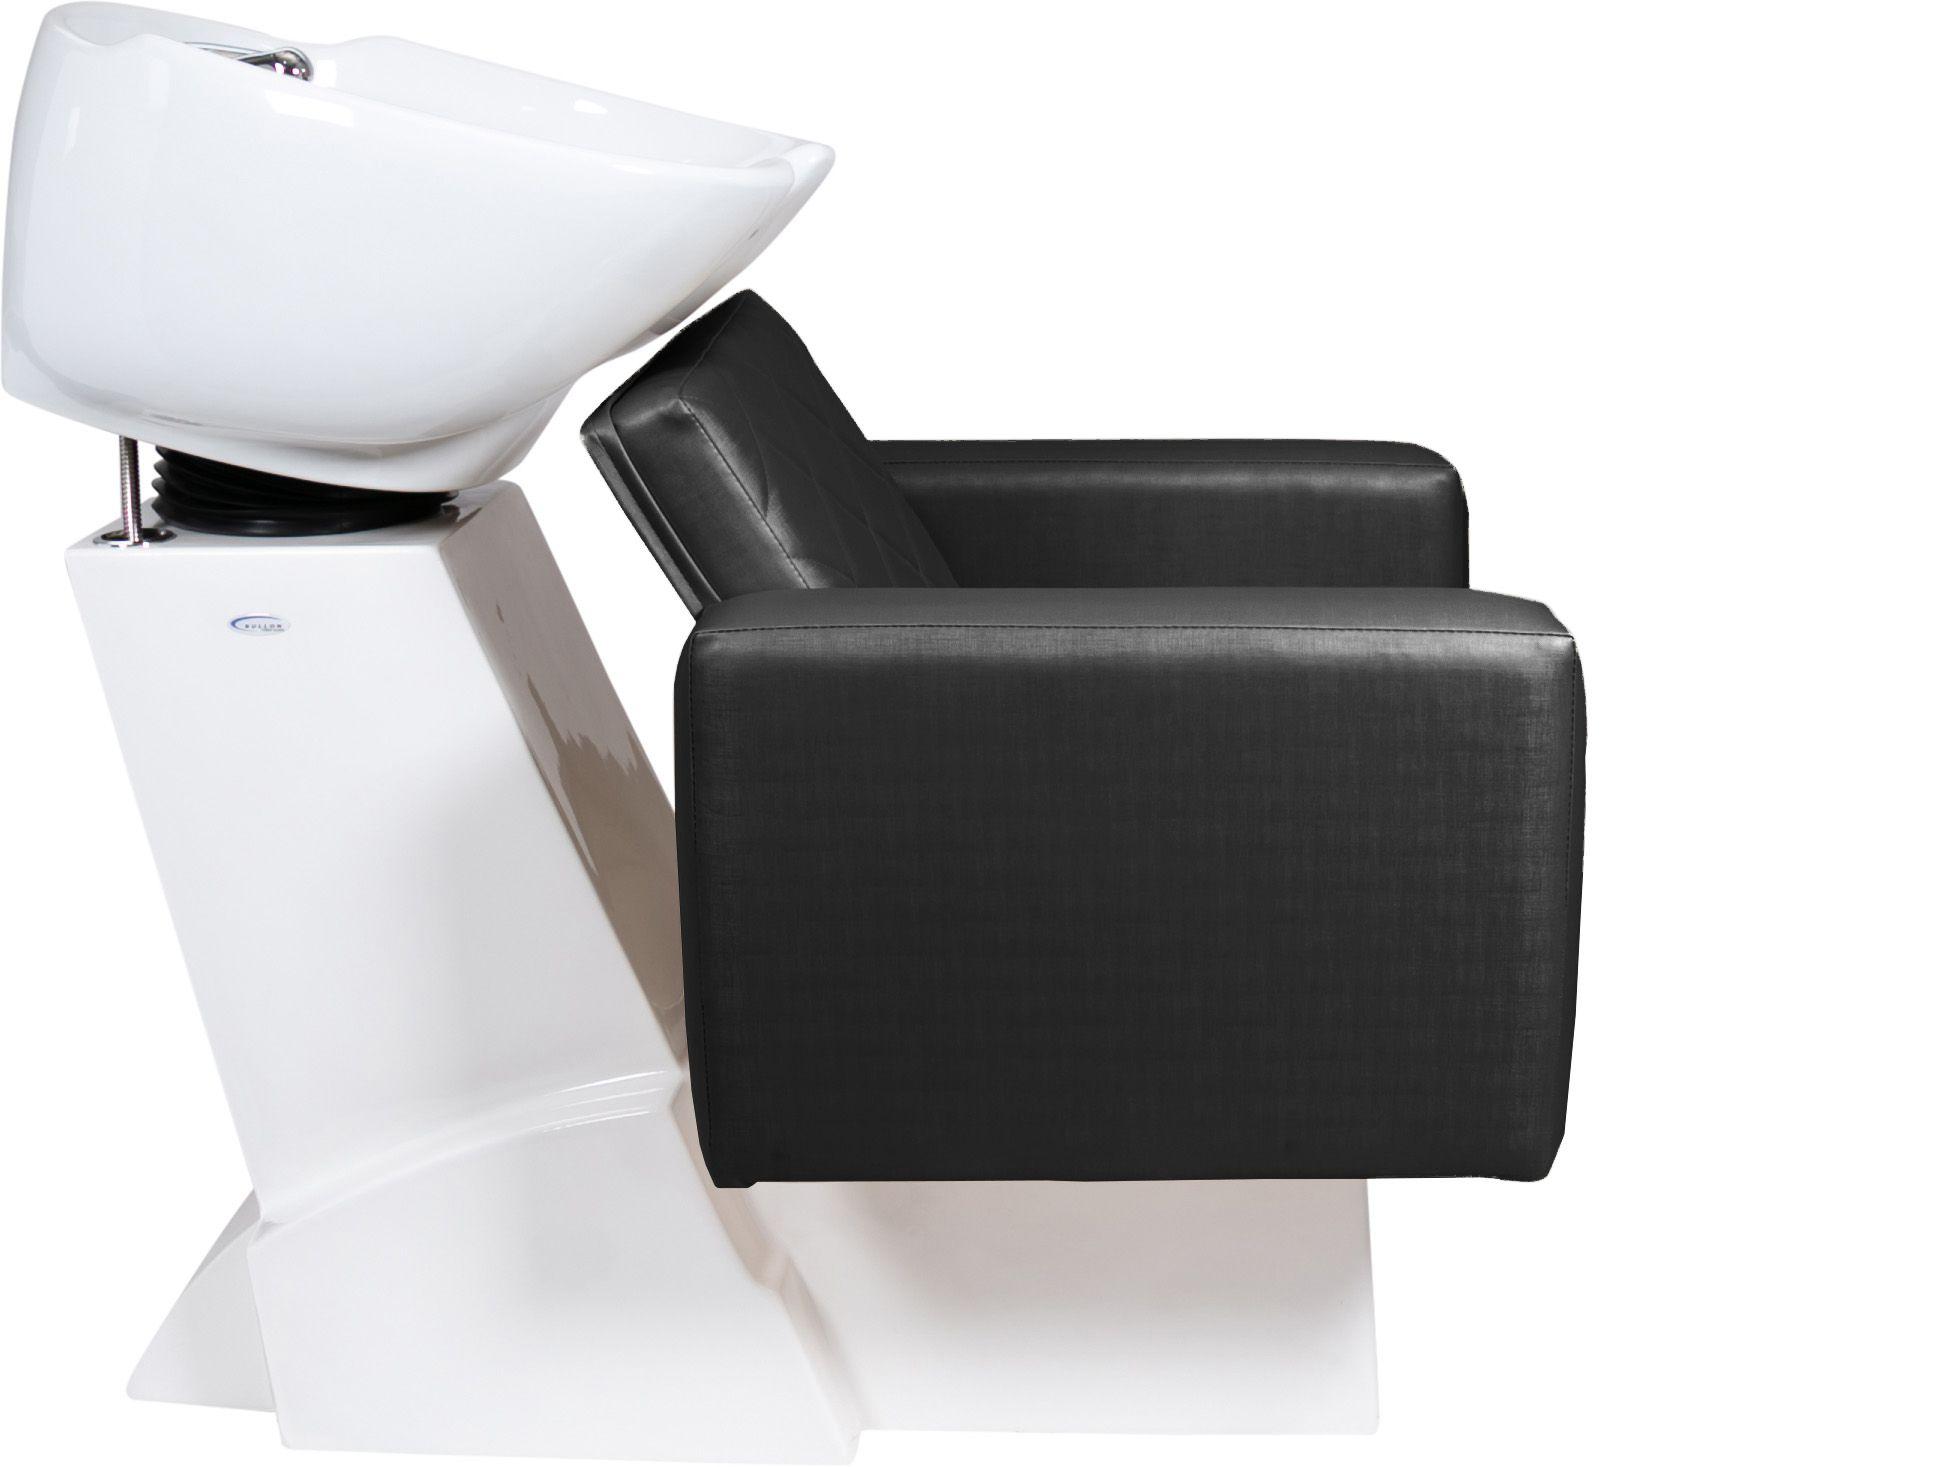 KIT Evidence - 1 Cadeira Fixa + 1 Cadeira Fixa + 1 Lavatório com Bases Quadradas